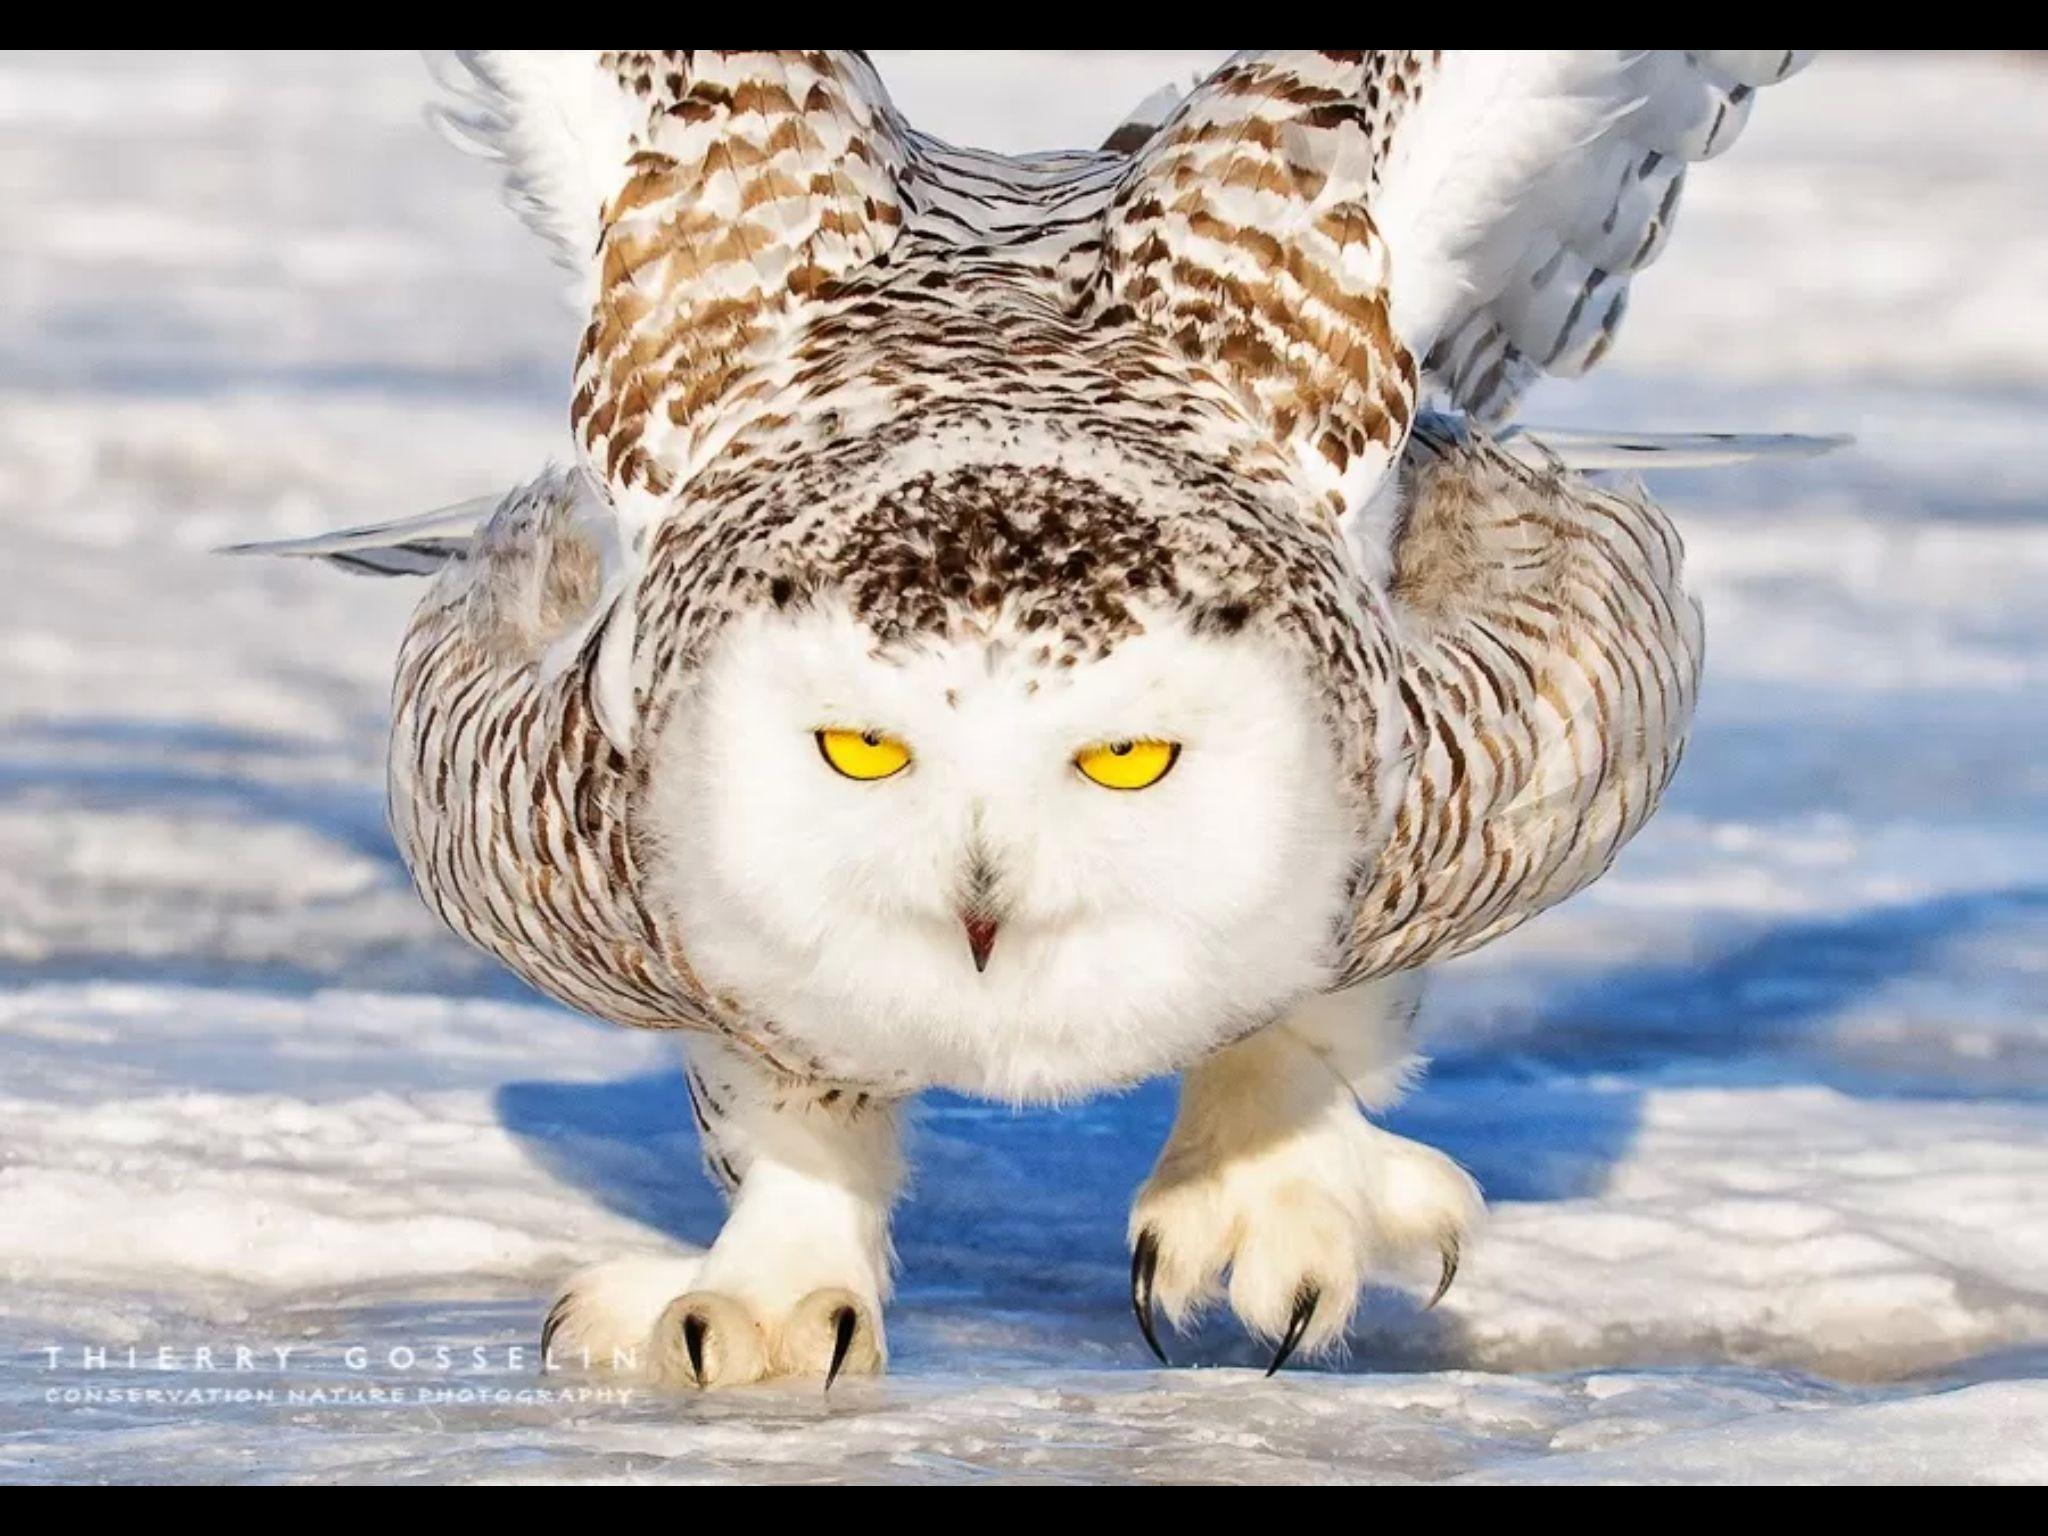 Ghost of the Arctic Snowy owl, Owl photos, Owl